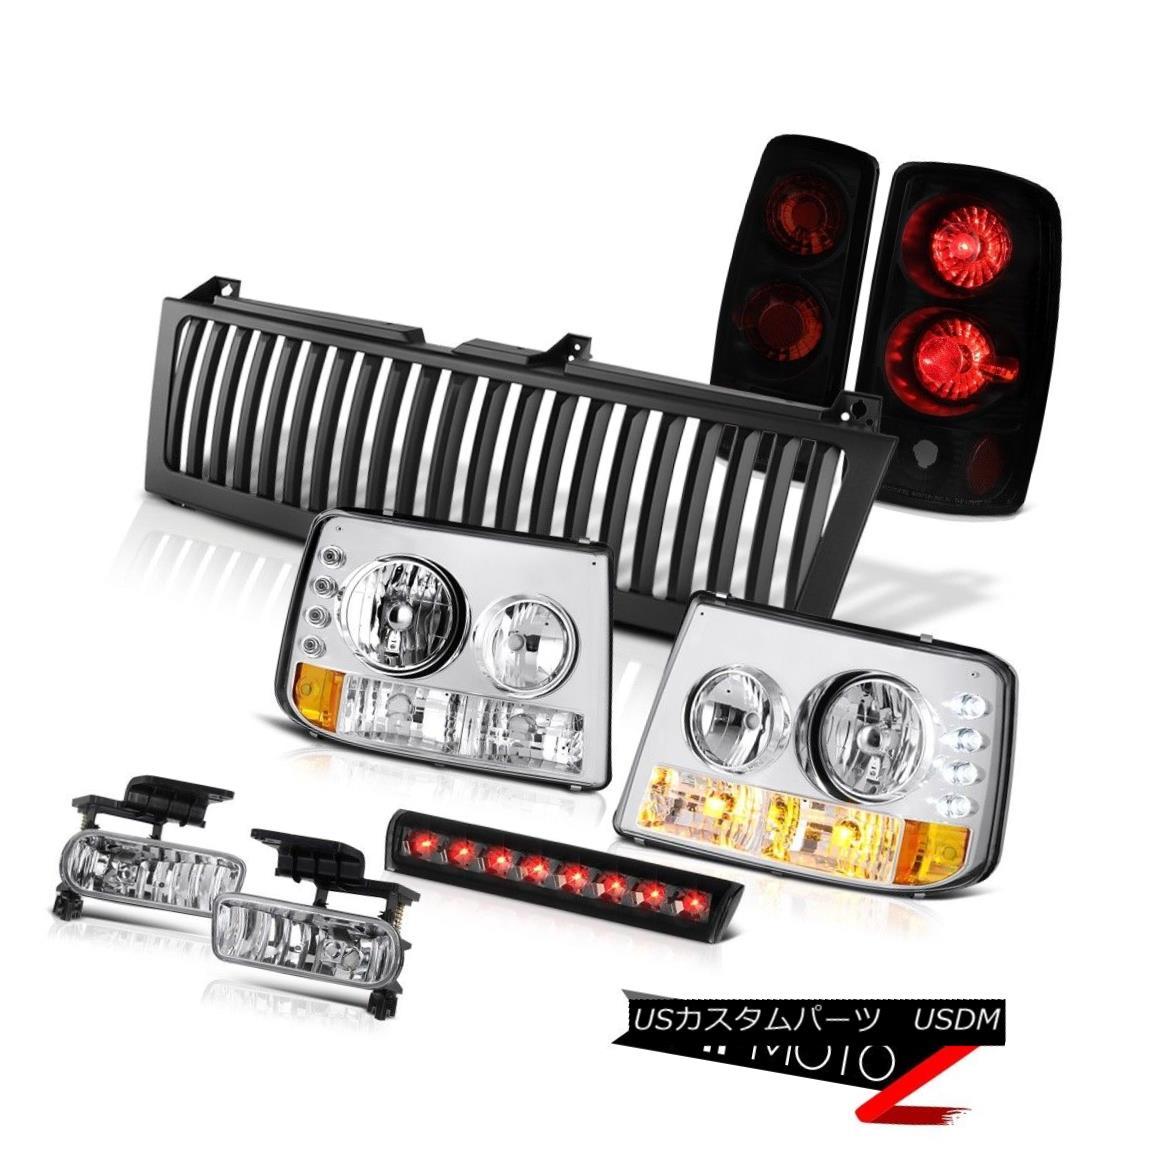 ヘッドライト Parking Headlamps Sinister Black 3rd Lights Fog Third Cargo LED 2000-06 Tahoe LS パーキングヘッドランプSinister Black第3ライトフォグ第3カーゴLED 2000-06 Tahoe LS